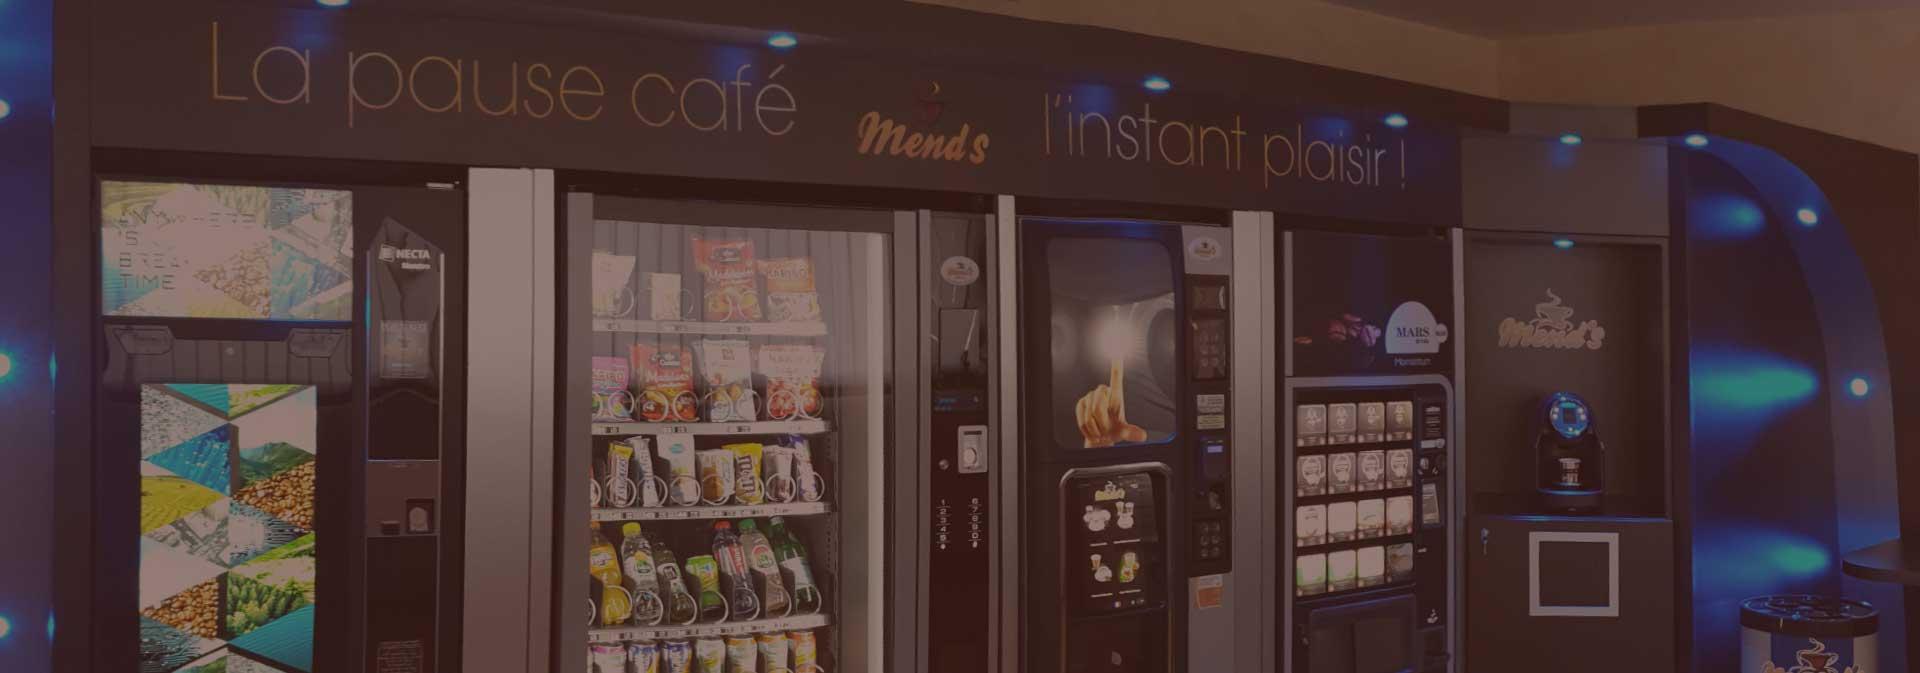 Mend's offre vending